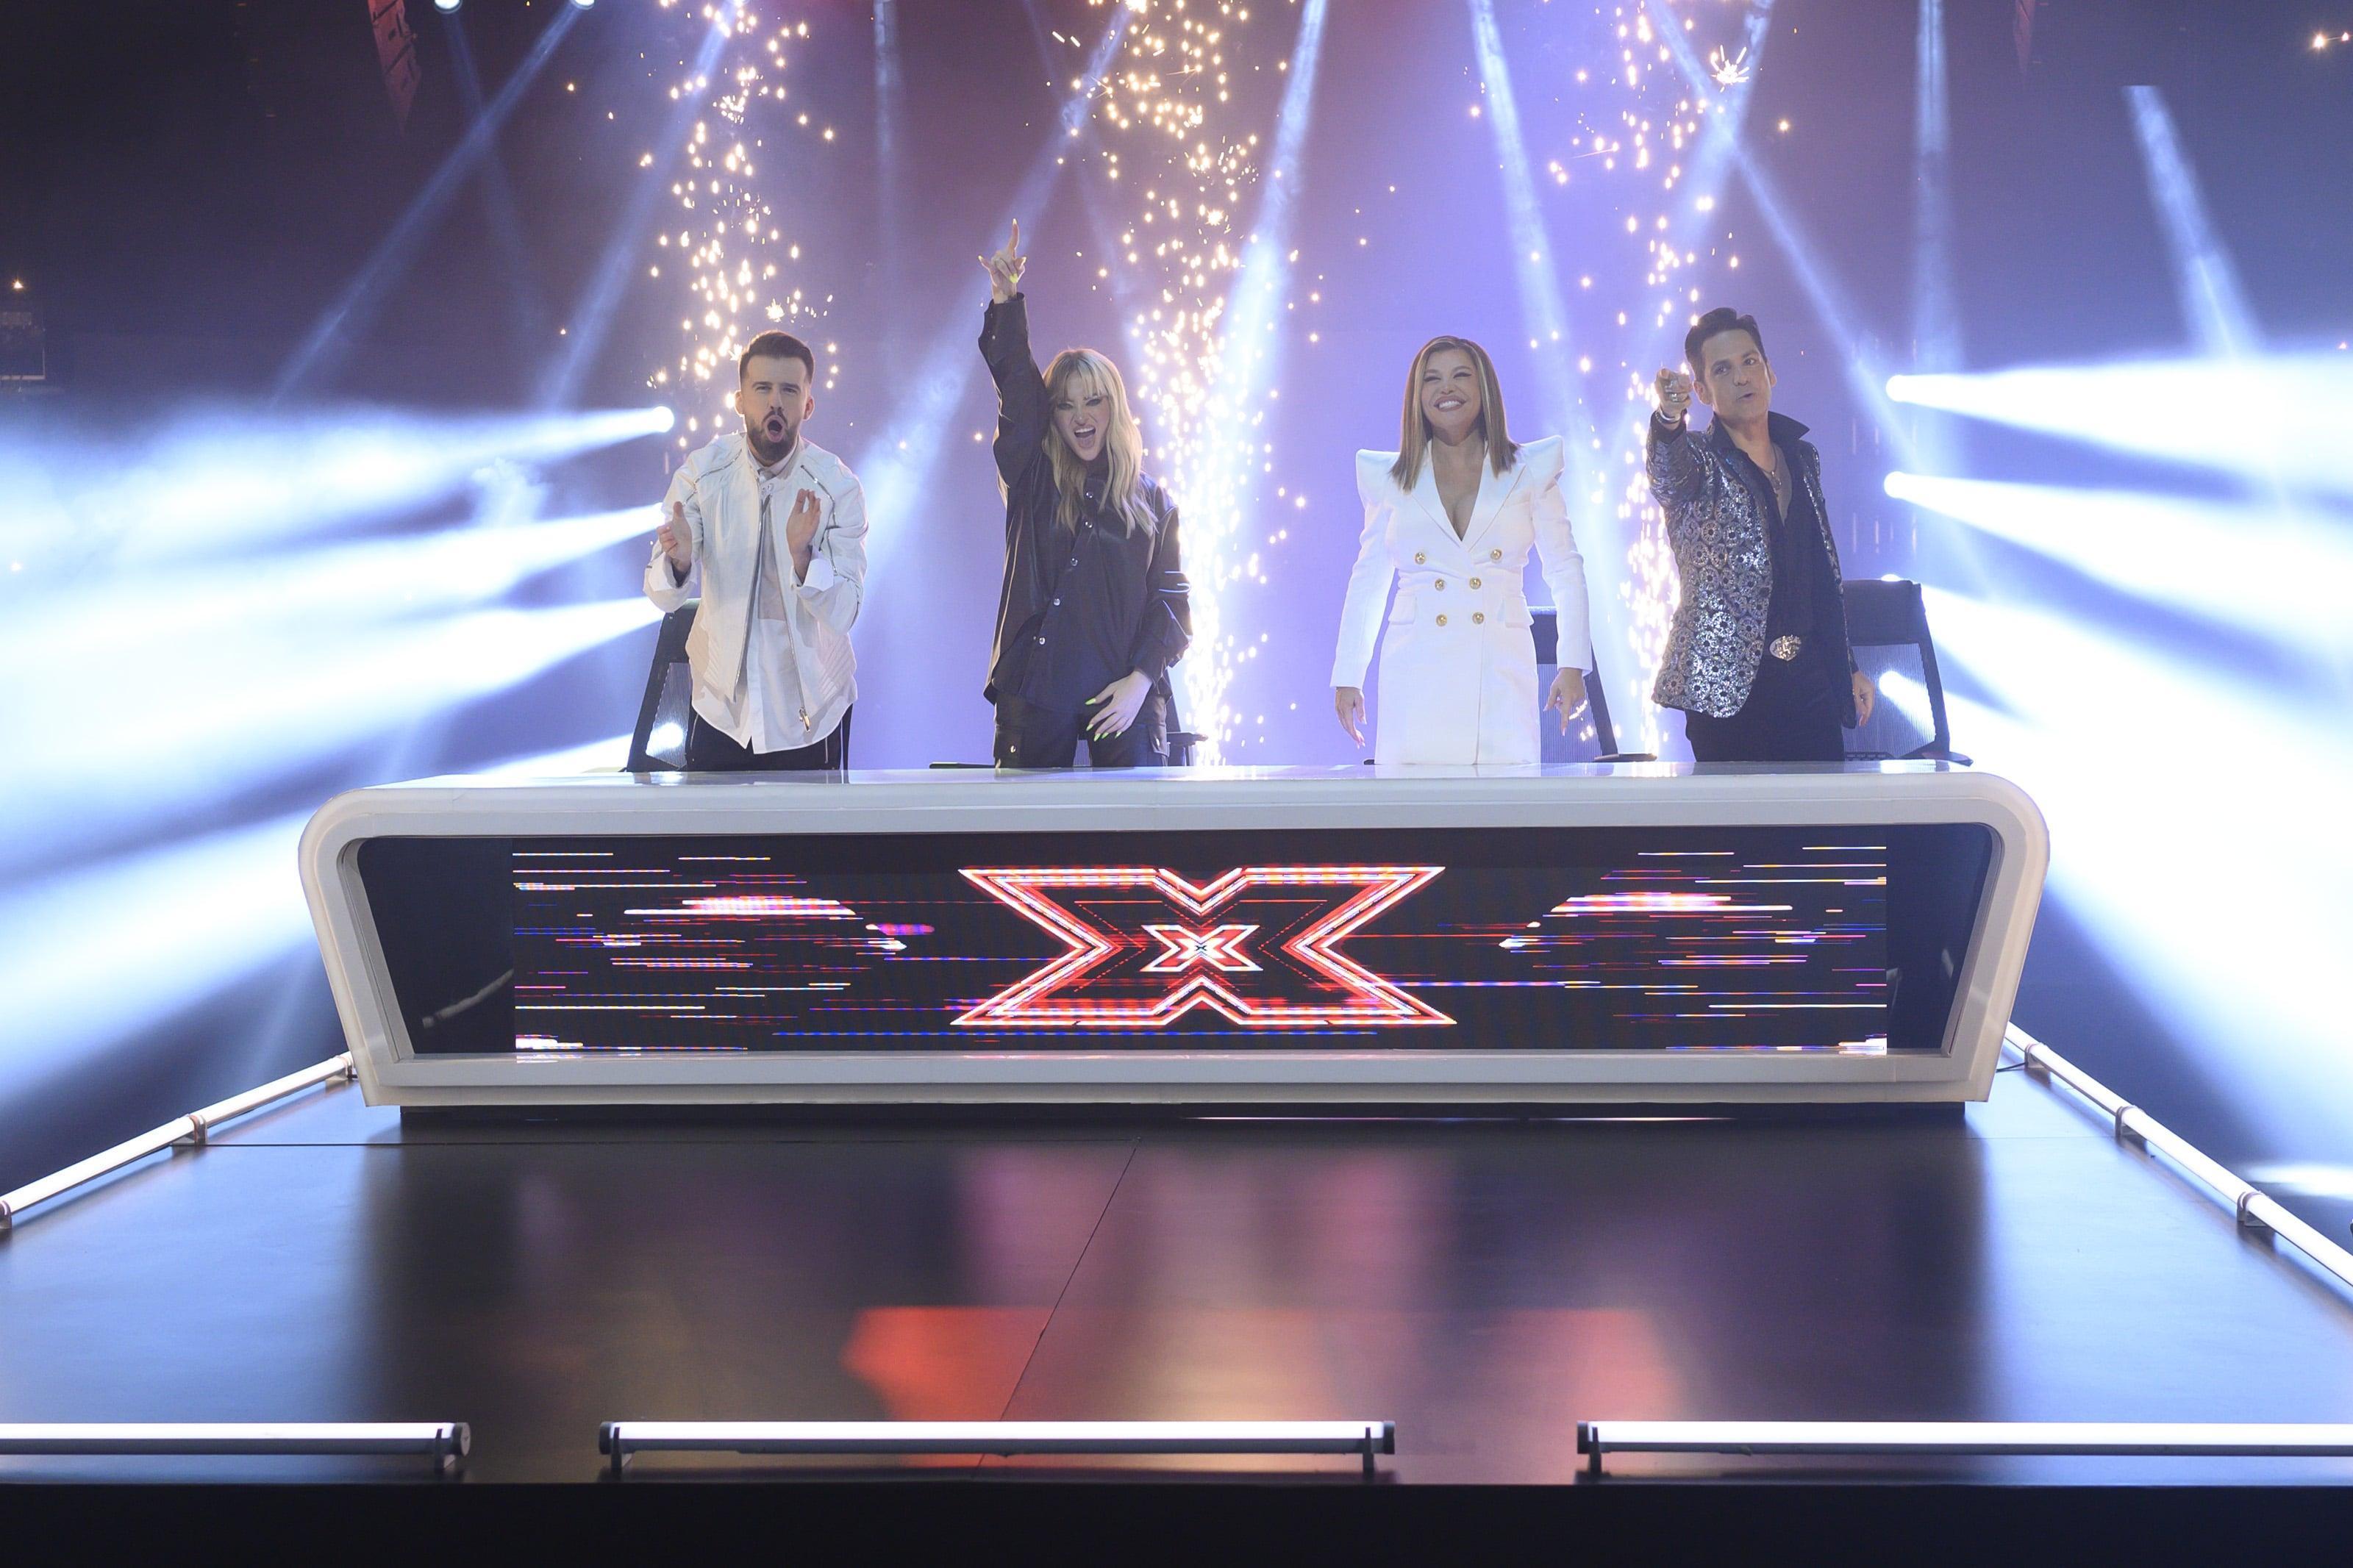 X Factor 2021, 6 septembrie. Delia, Loredana, Florin Ristei și Ștefan Bănică află de ce categorie de concurenți se vor ocupa